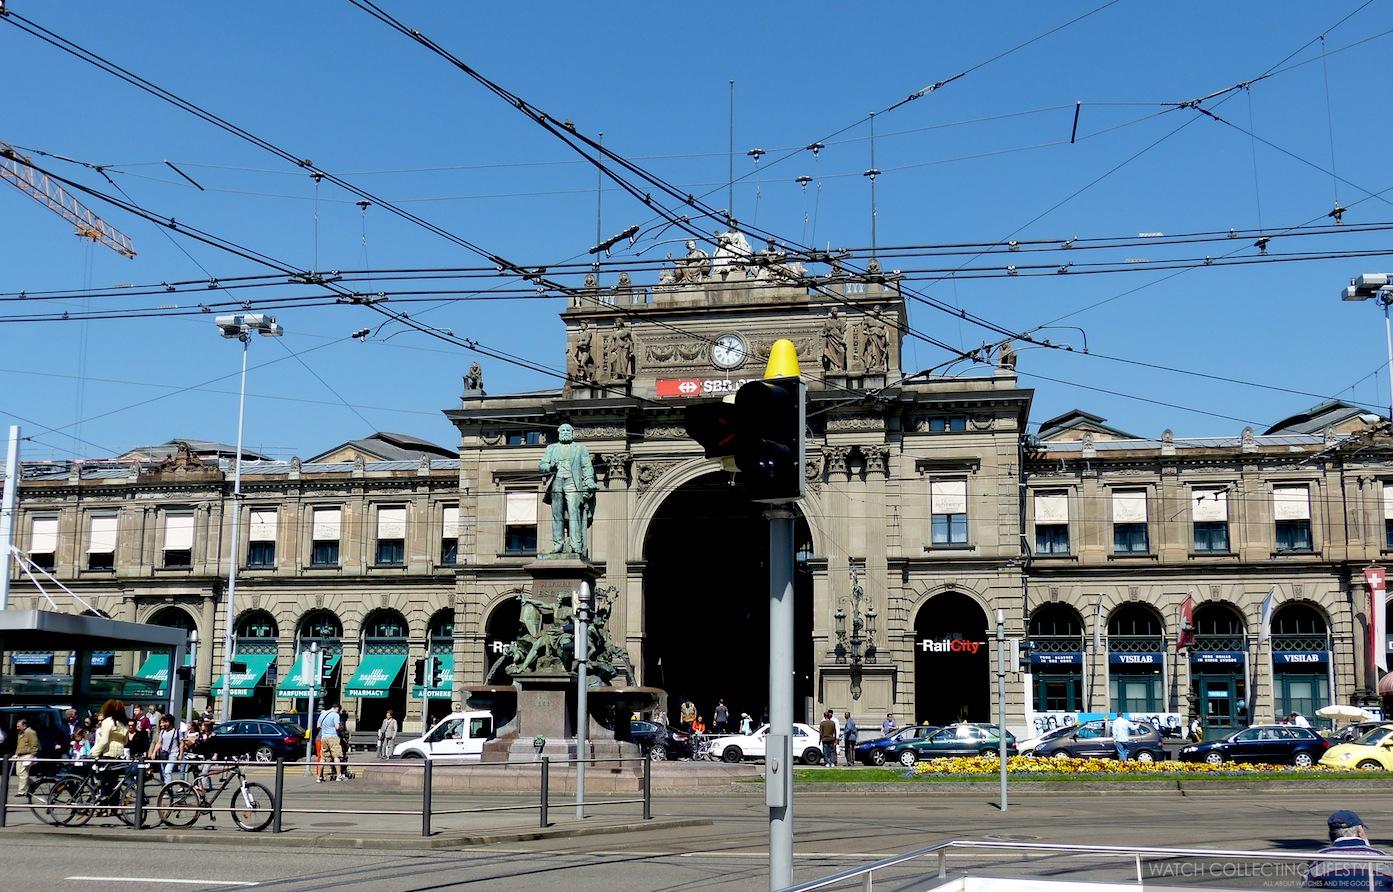 Banhofplatz, the train station.